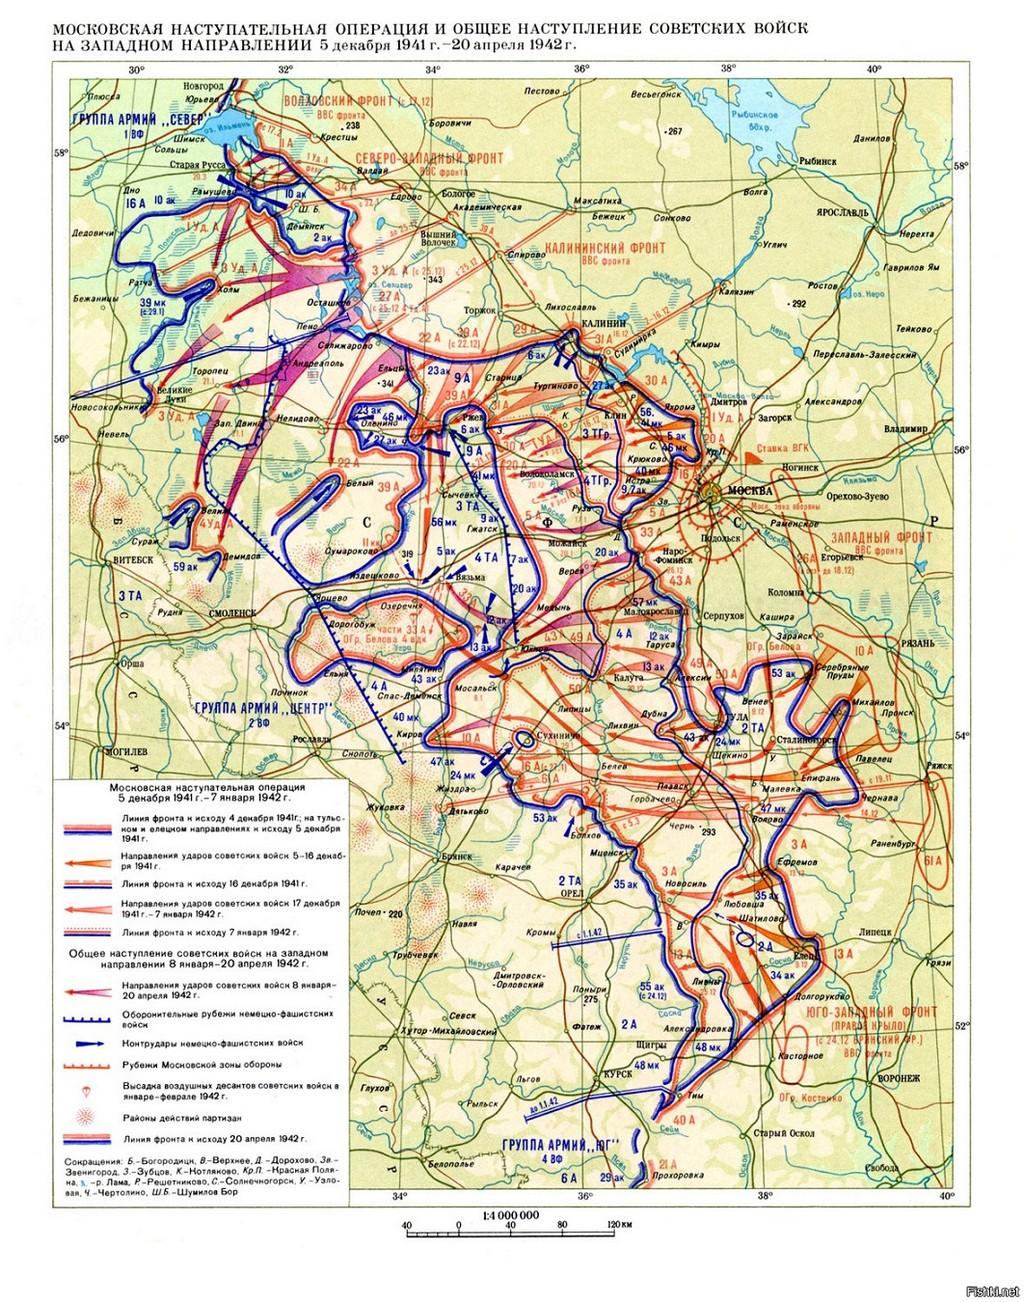 5 декабря - день начала контрнаступления советских войск против немецко-фашистских войск в битве под москвой (1941 год